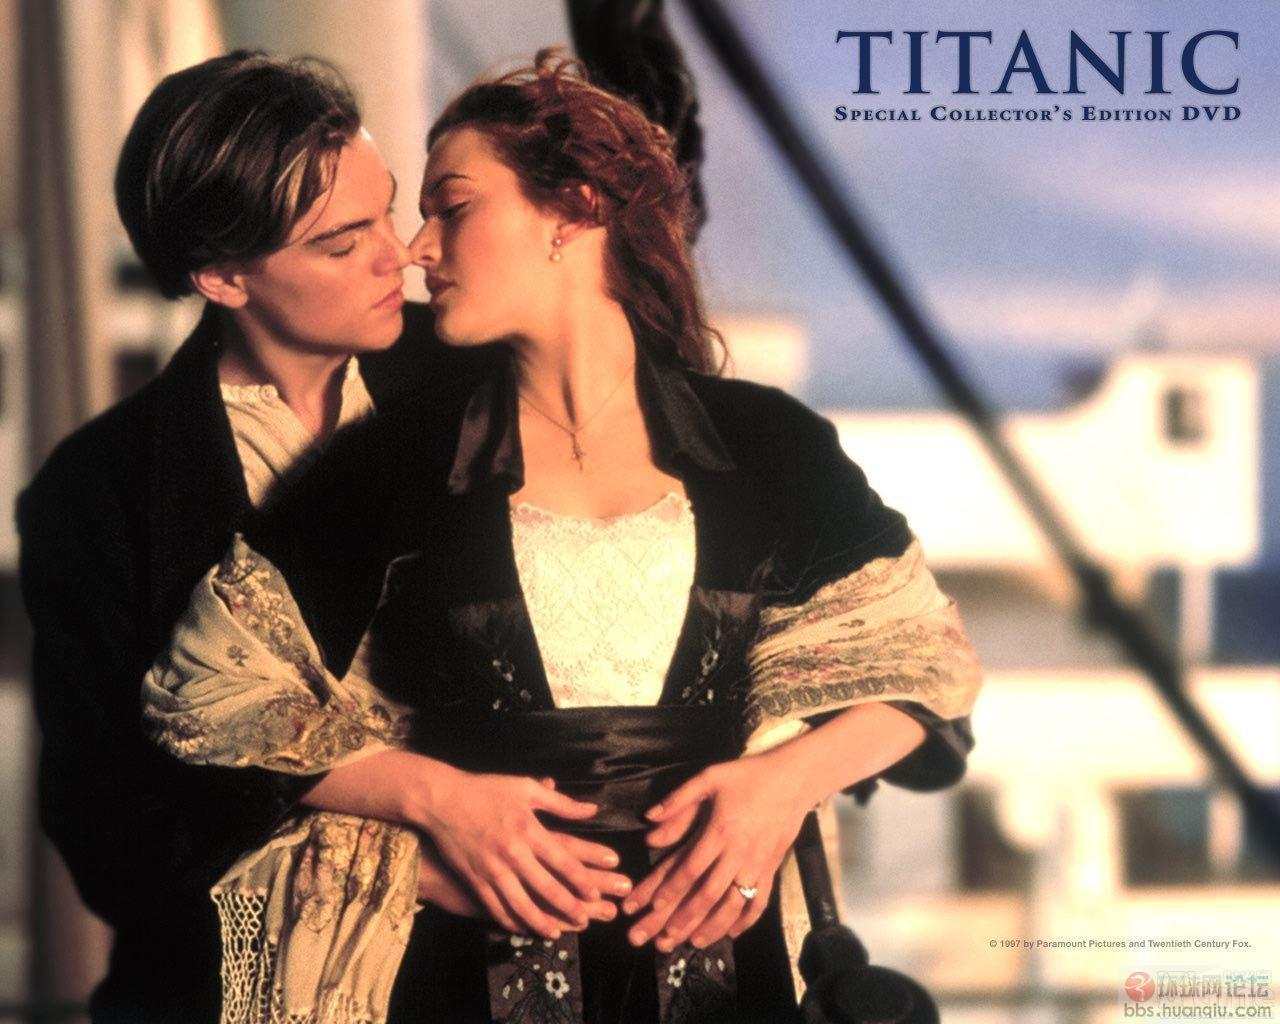 令男人无法抗拒的女人接吻十二式